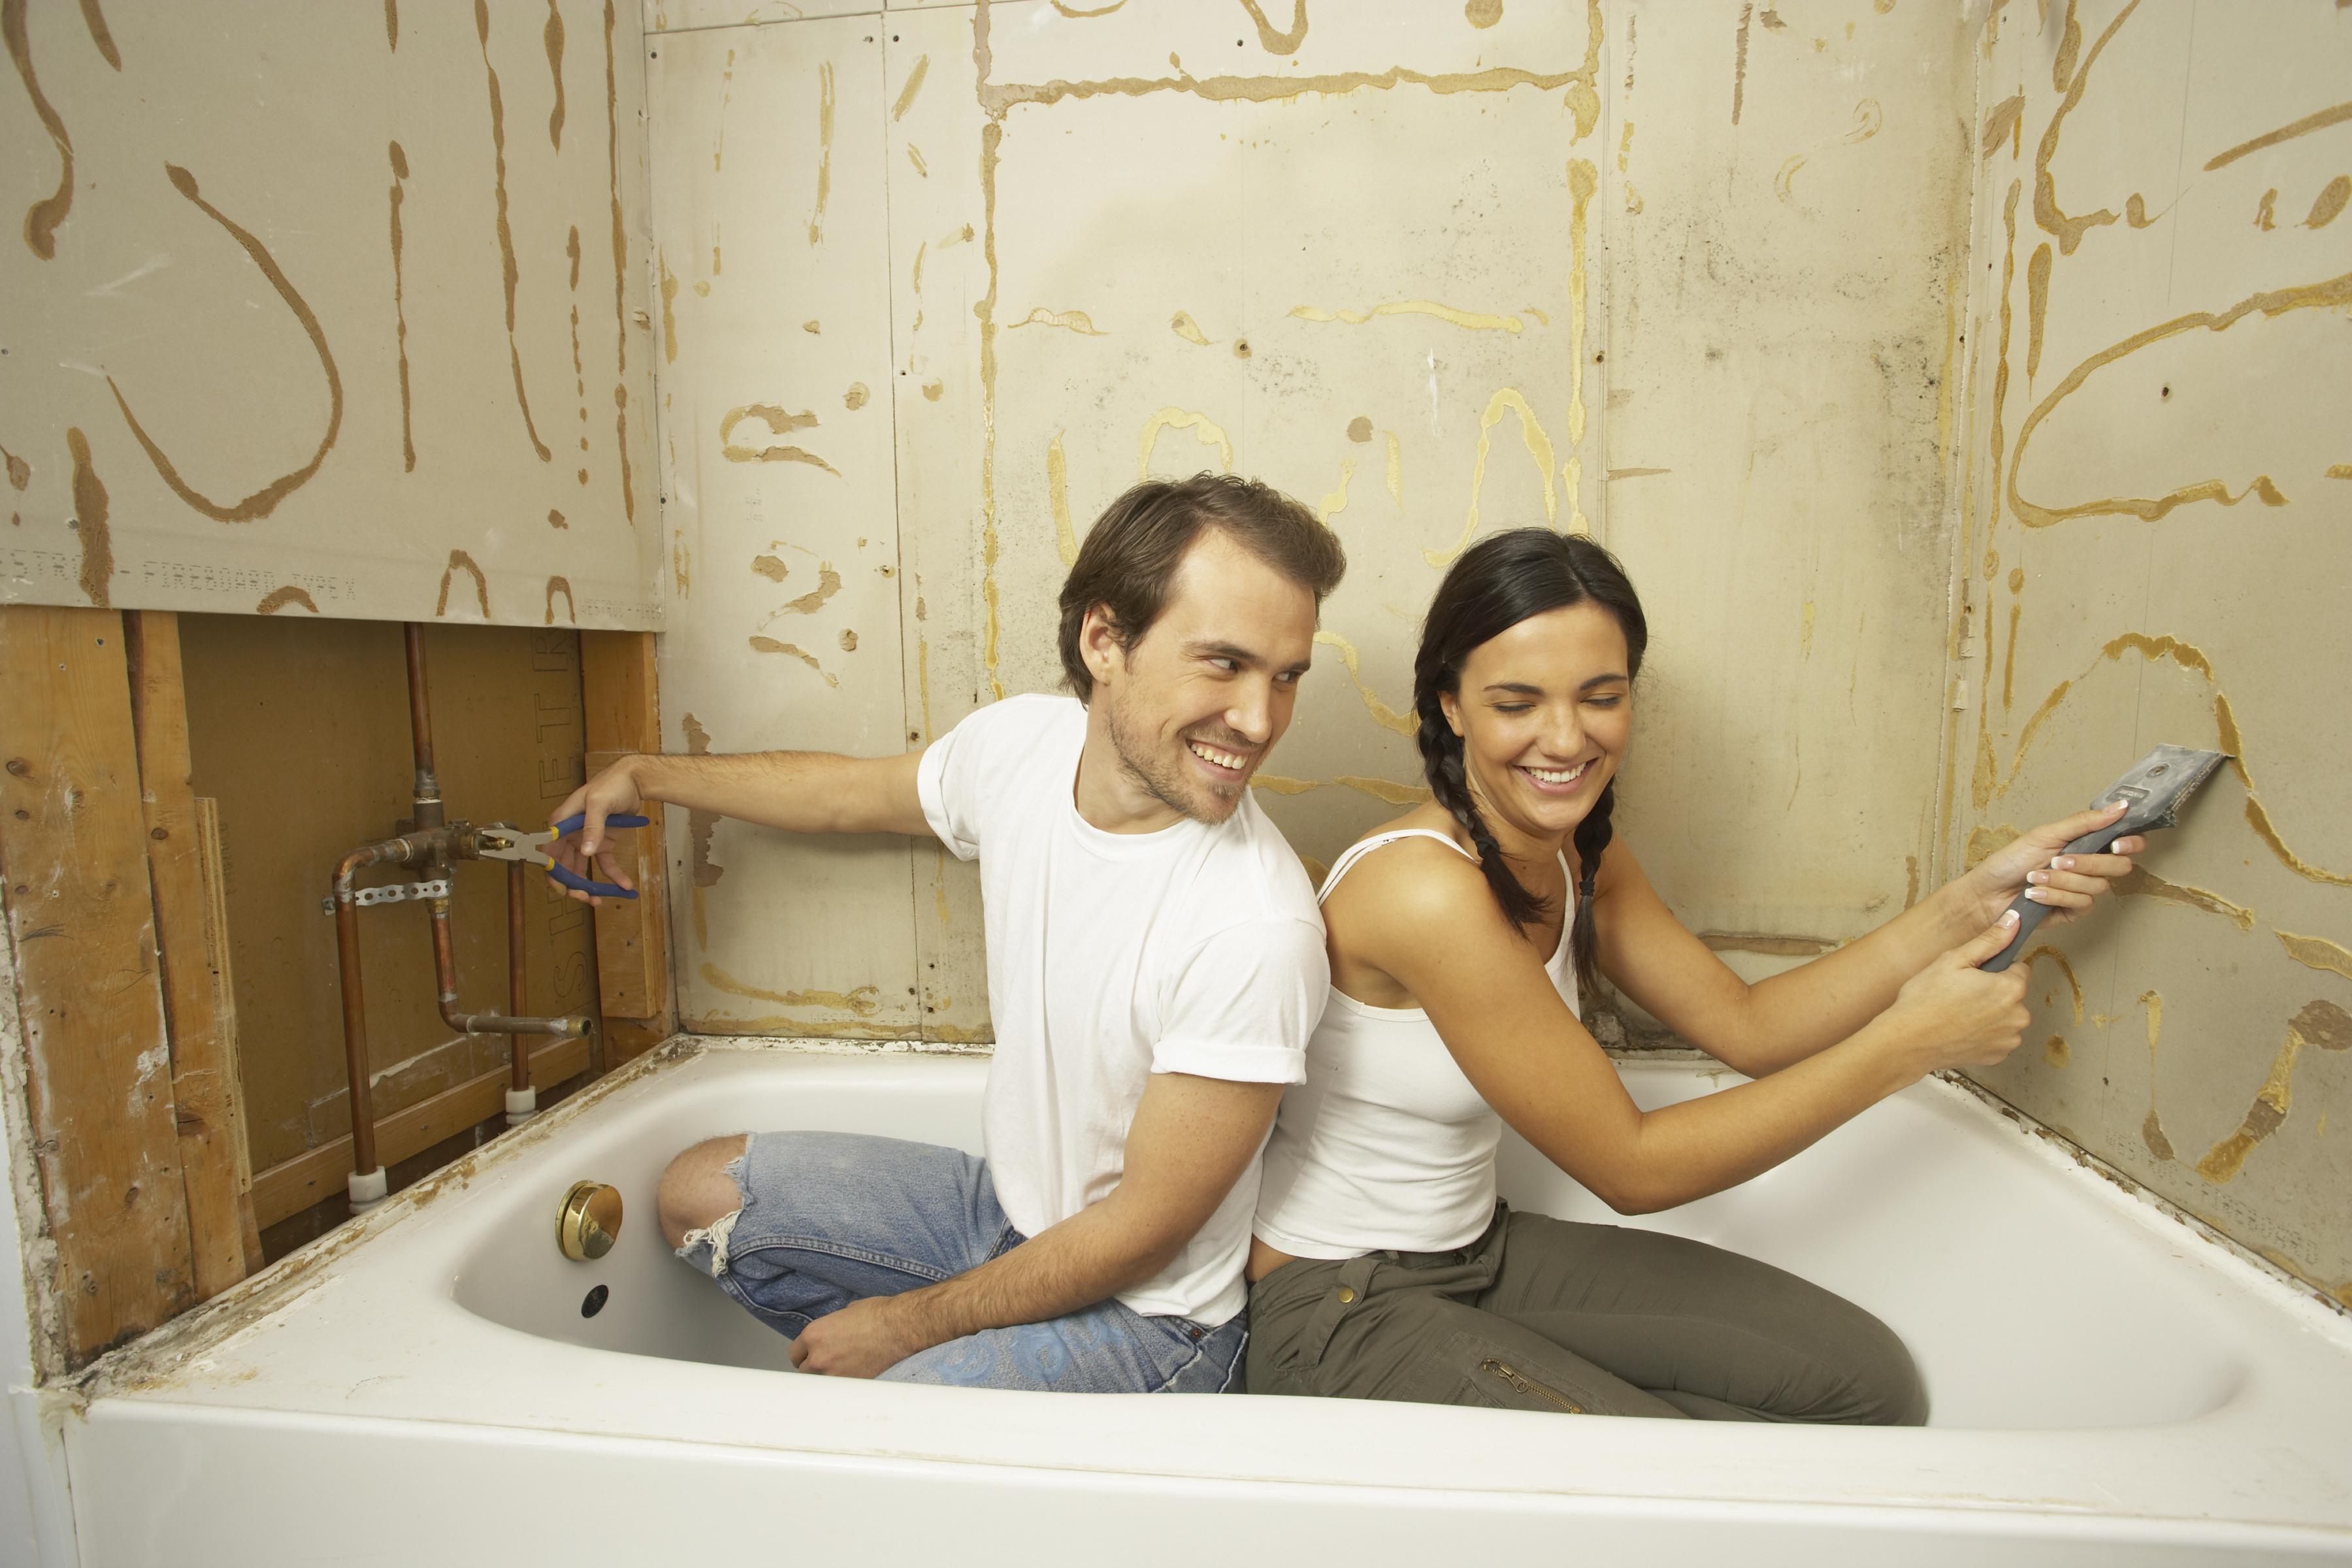 ремонт ванны в квартире своими руками фото